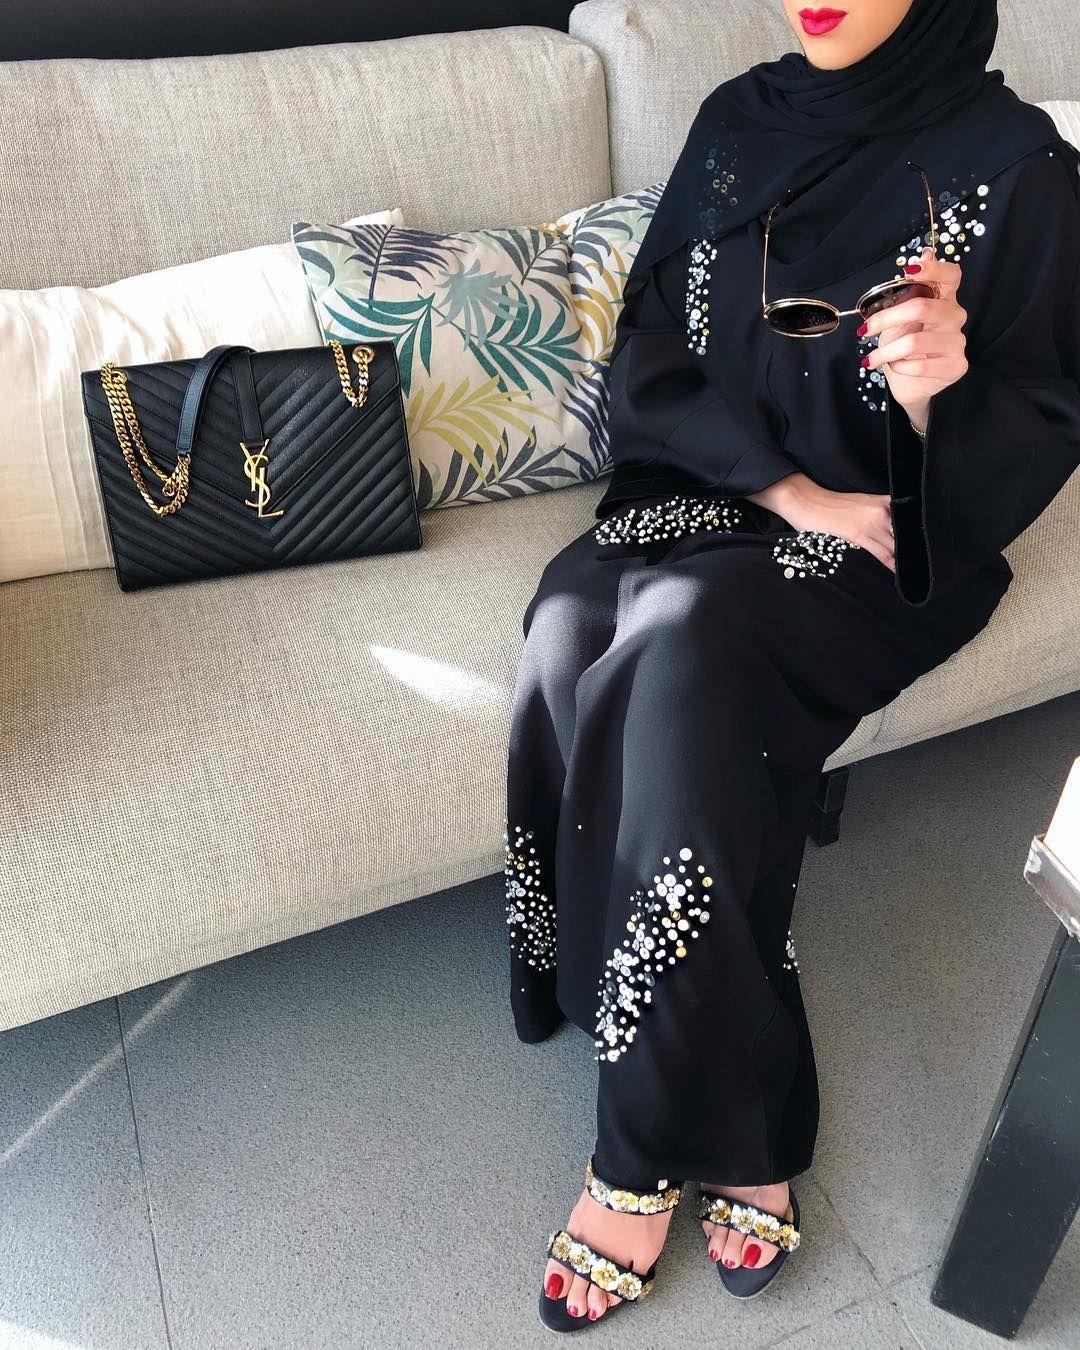 مرني ياحلو الاطباع مرني واسقني حلو الكلام Style Maxi Dress Fashion Abaya Fashion